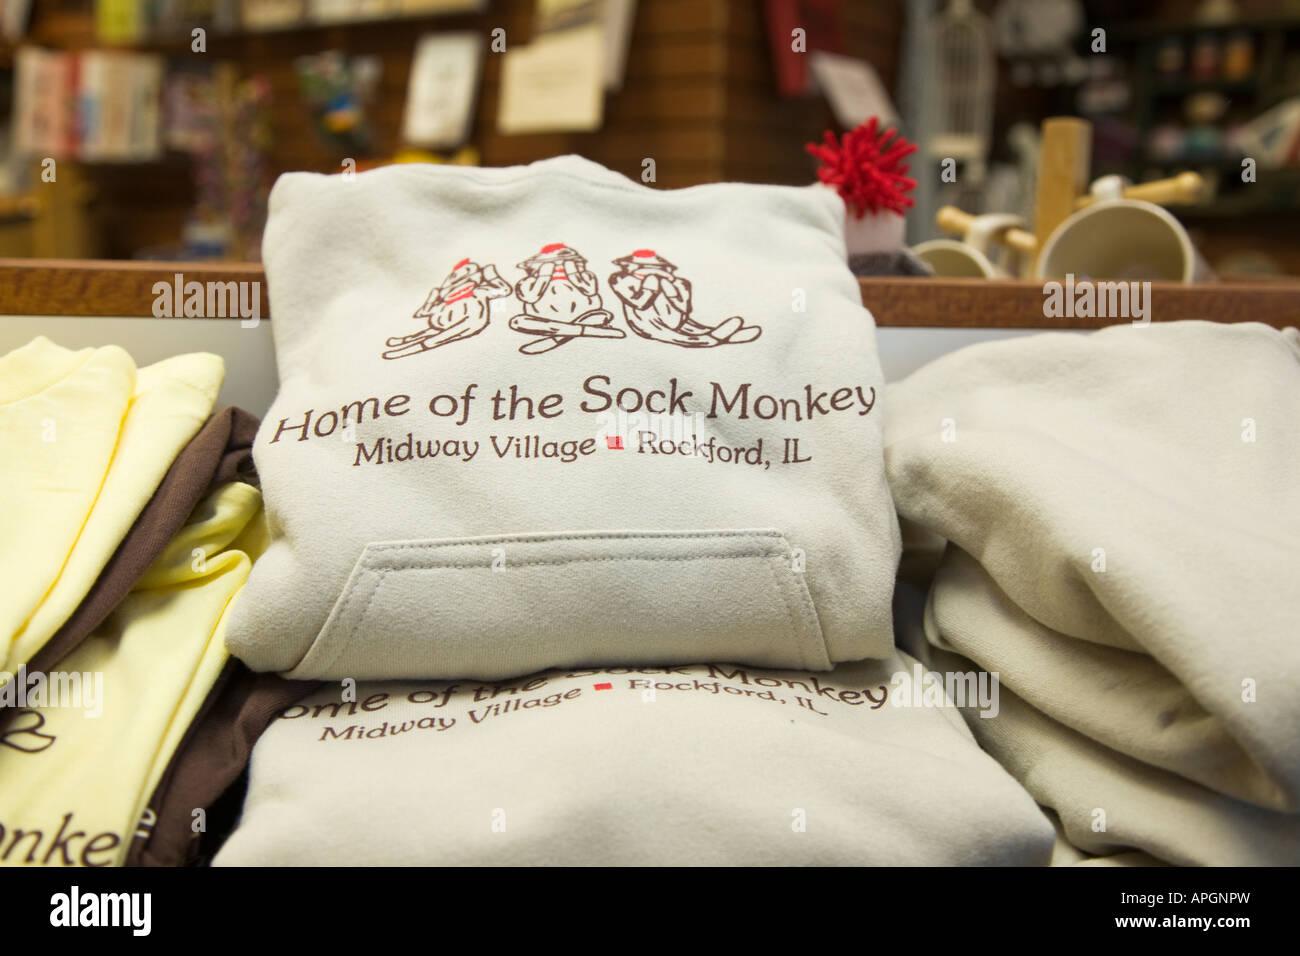 Il Rockford Illinois calza scimmie sul display felpa in Midway Village store negozio di articoli da regalo Immagini Stock